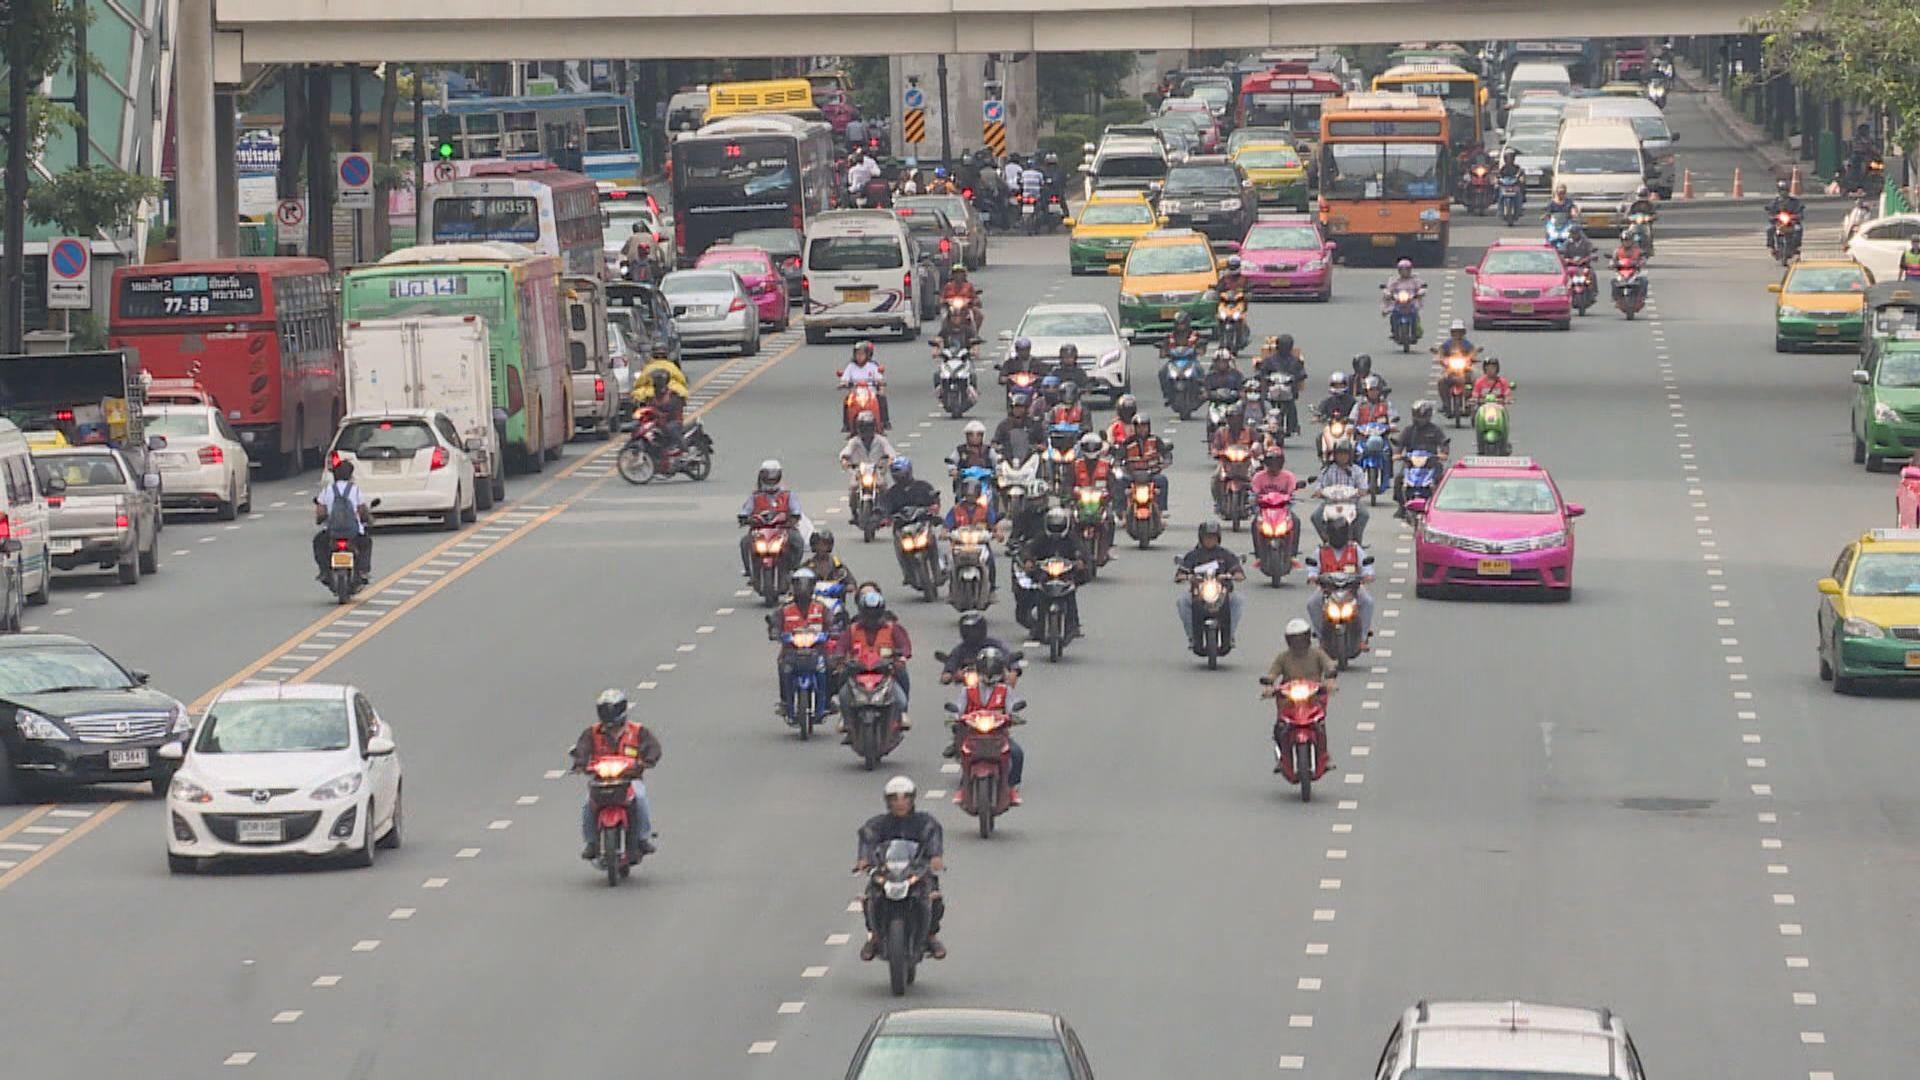 【環球薈報】泰國每年逾二萬人死於交通意外